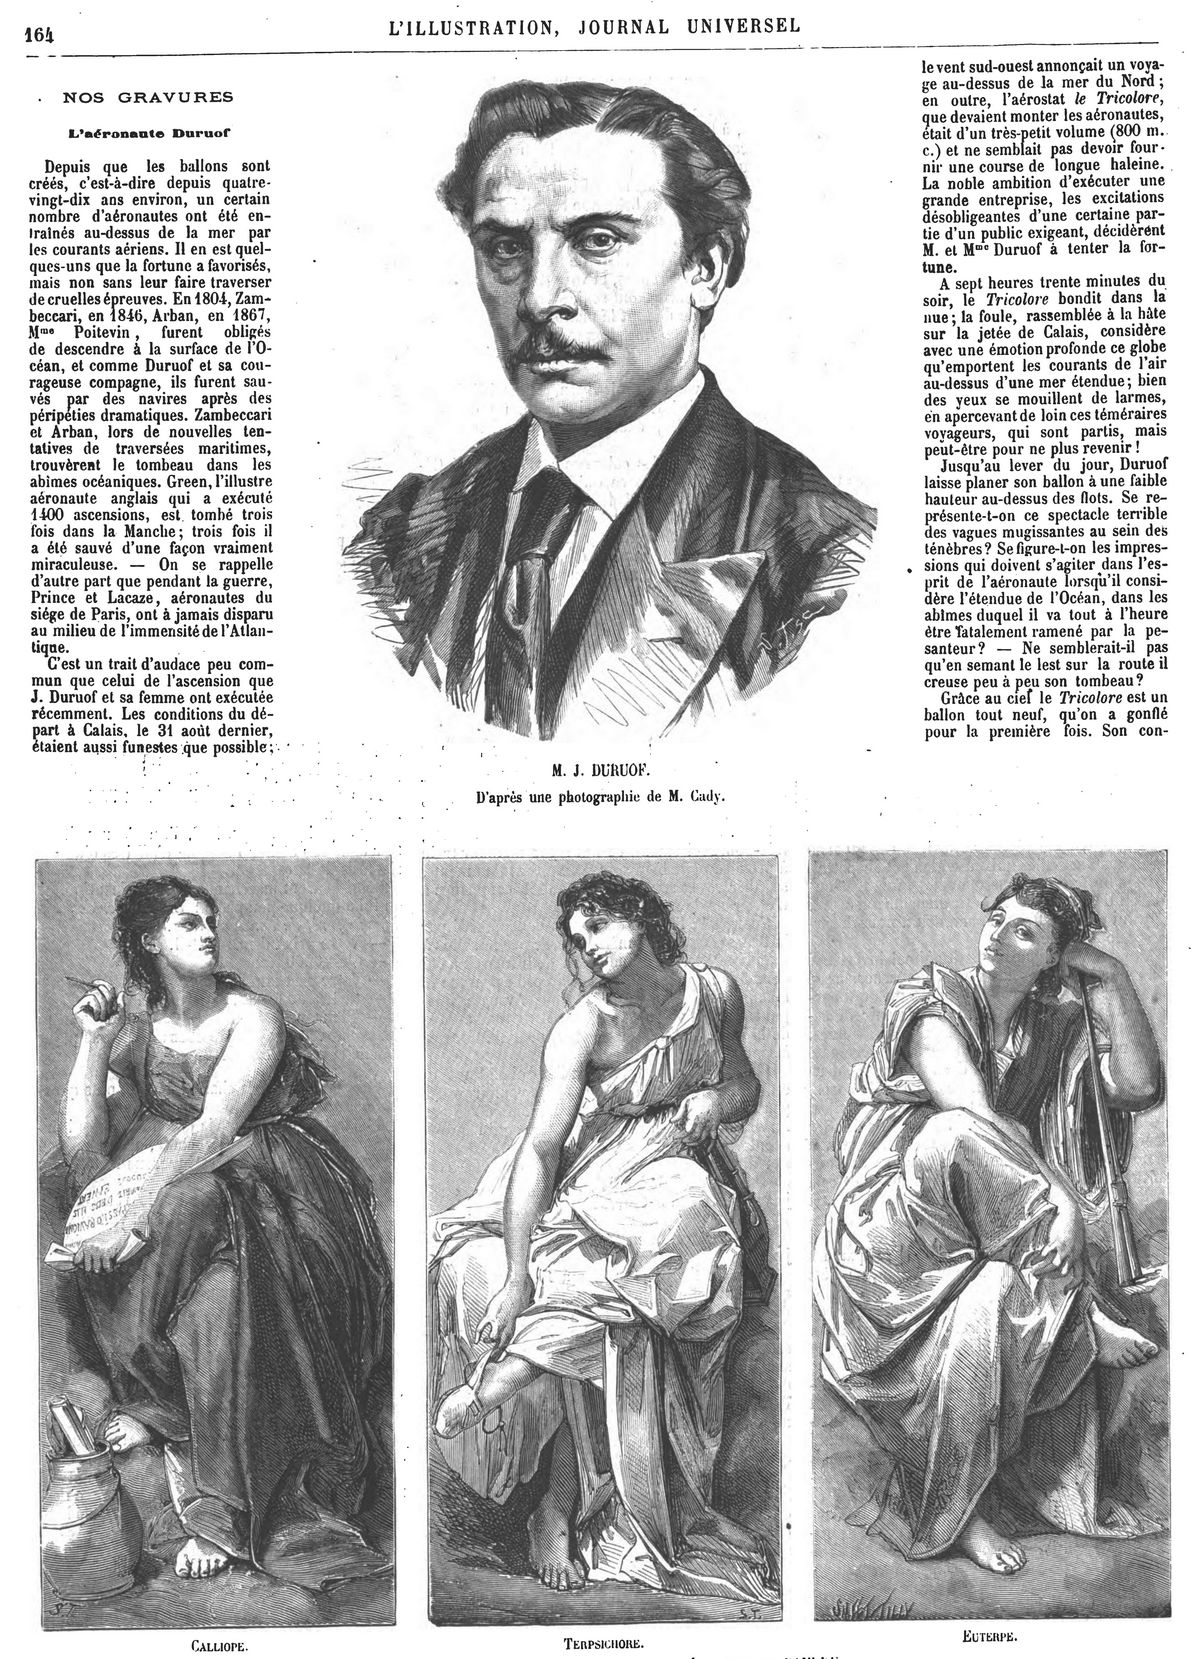 M. Duruof. Gravures 1874